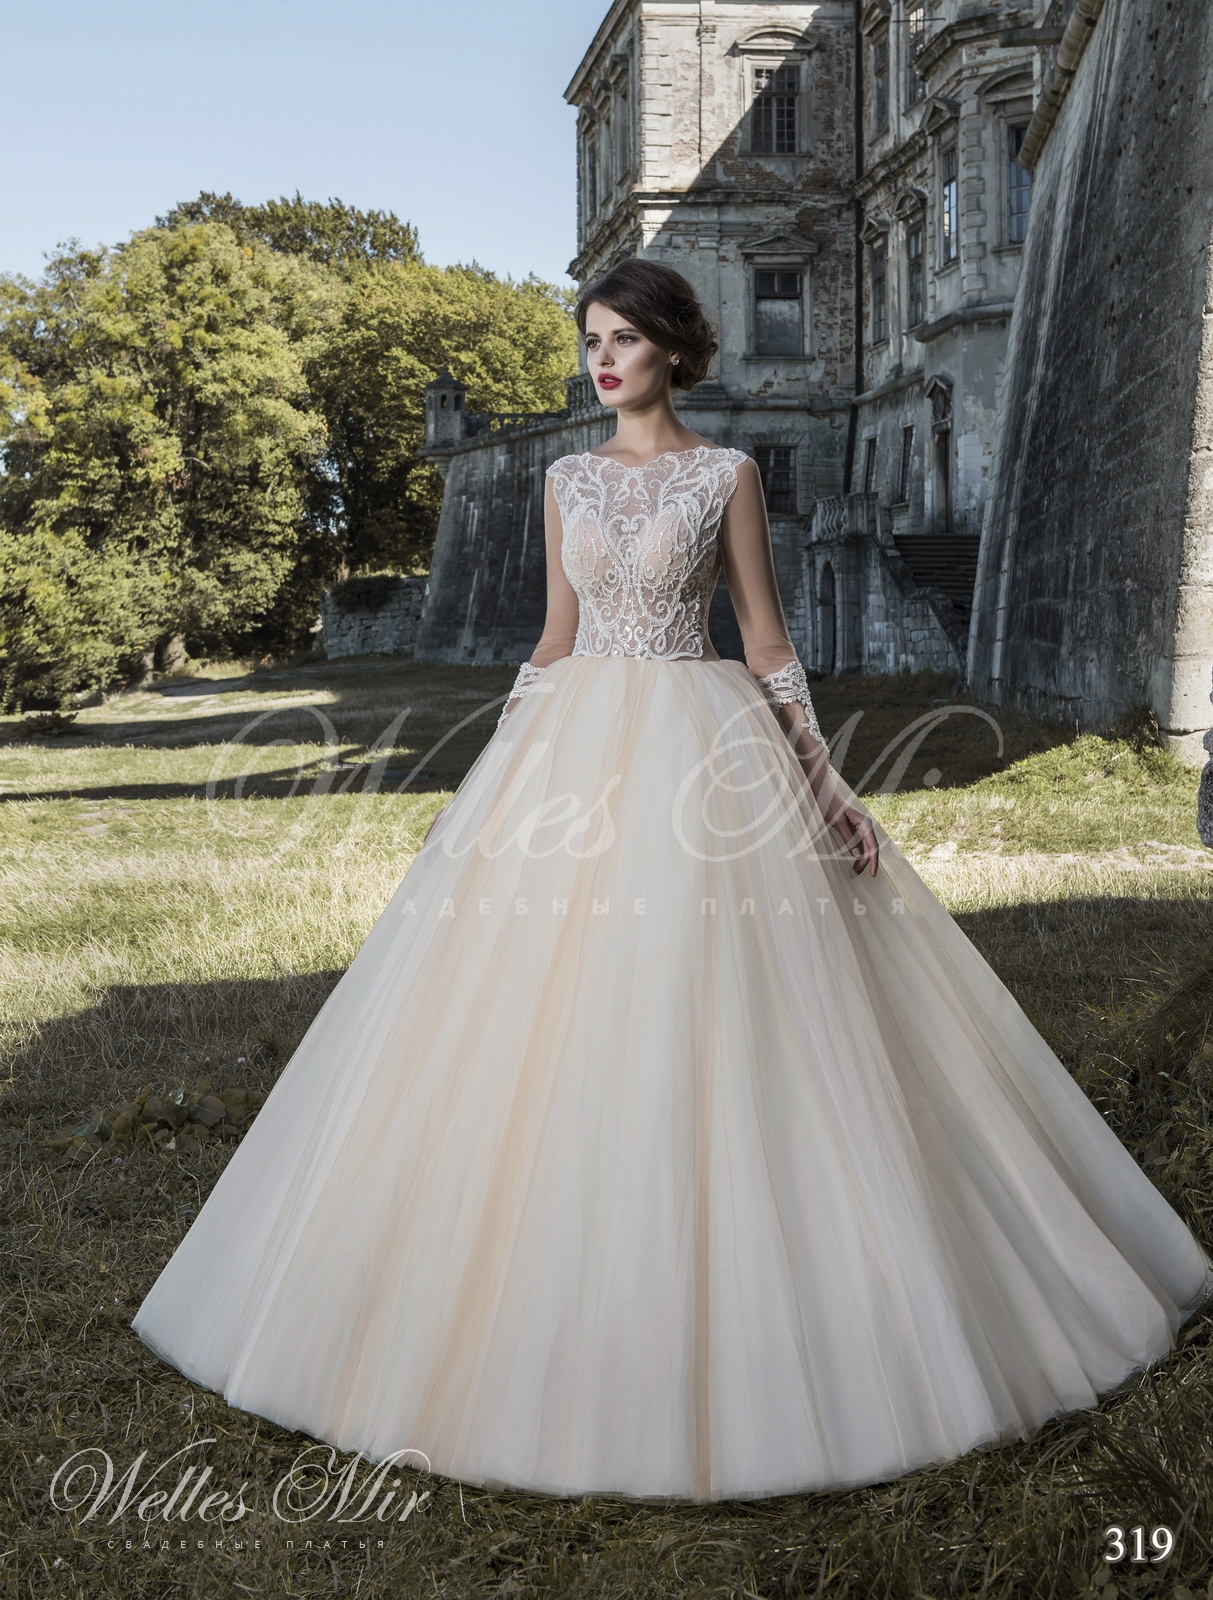 Свадебные платья Exquisite Collection - 319